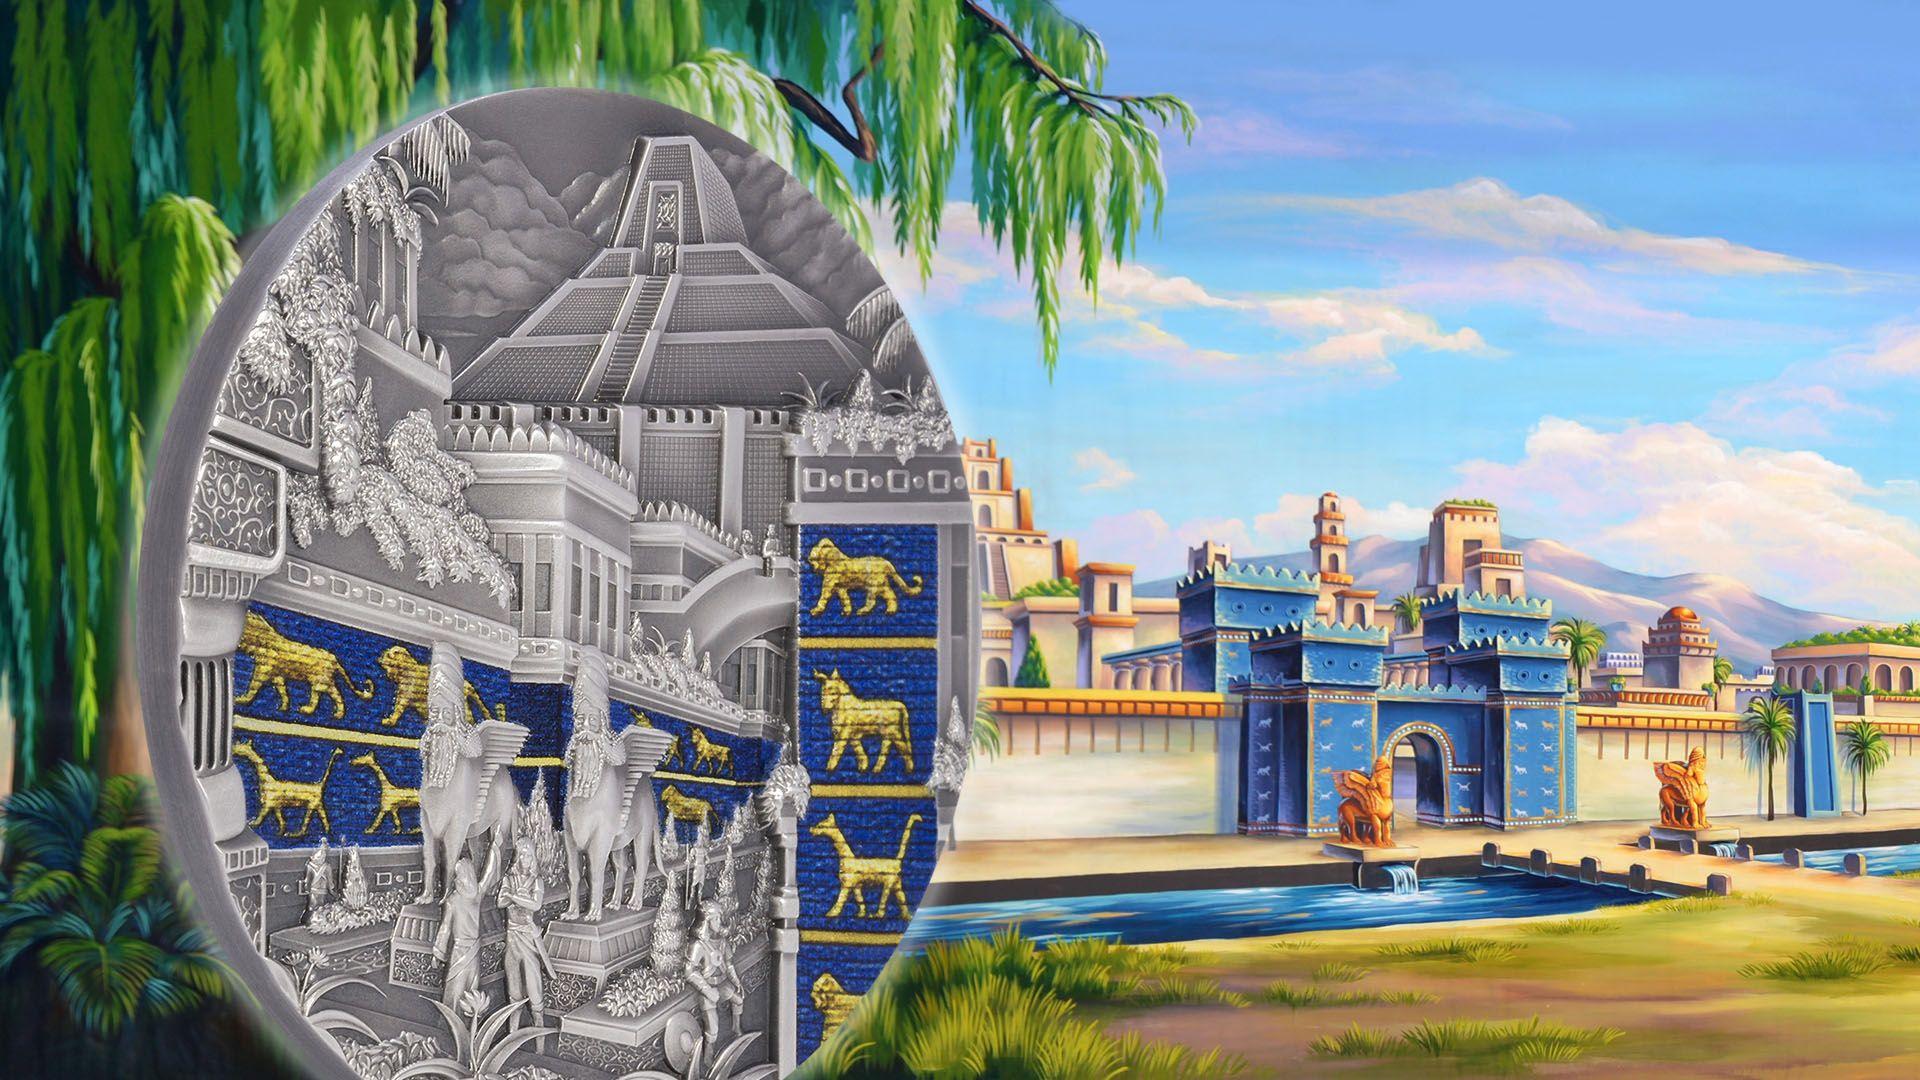 2021 Lost Civilizations Babylon 2oz Silver Coin